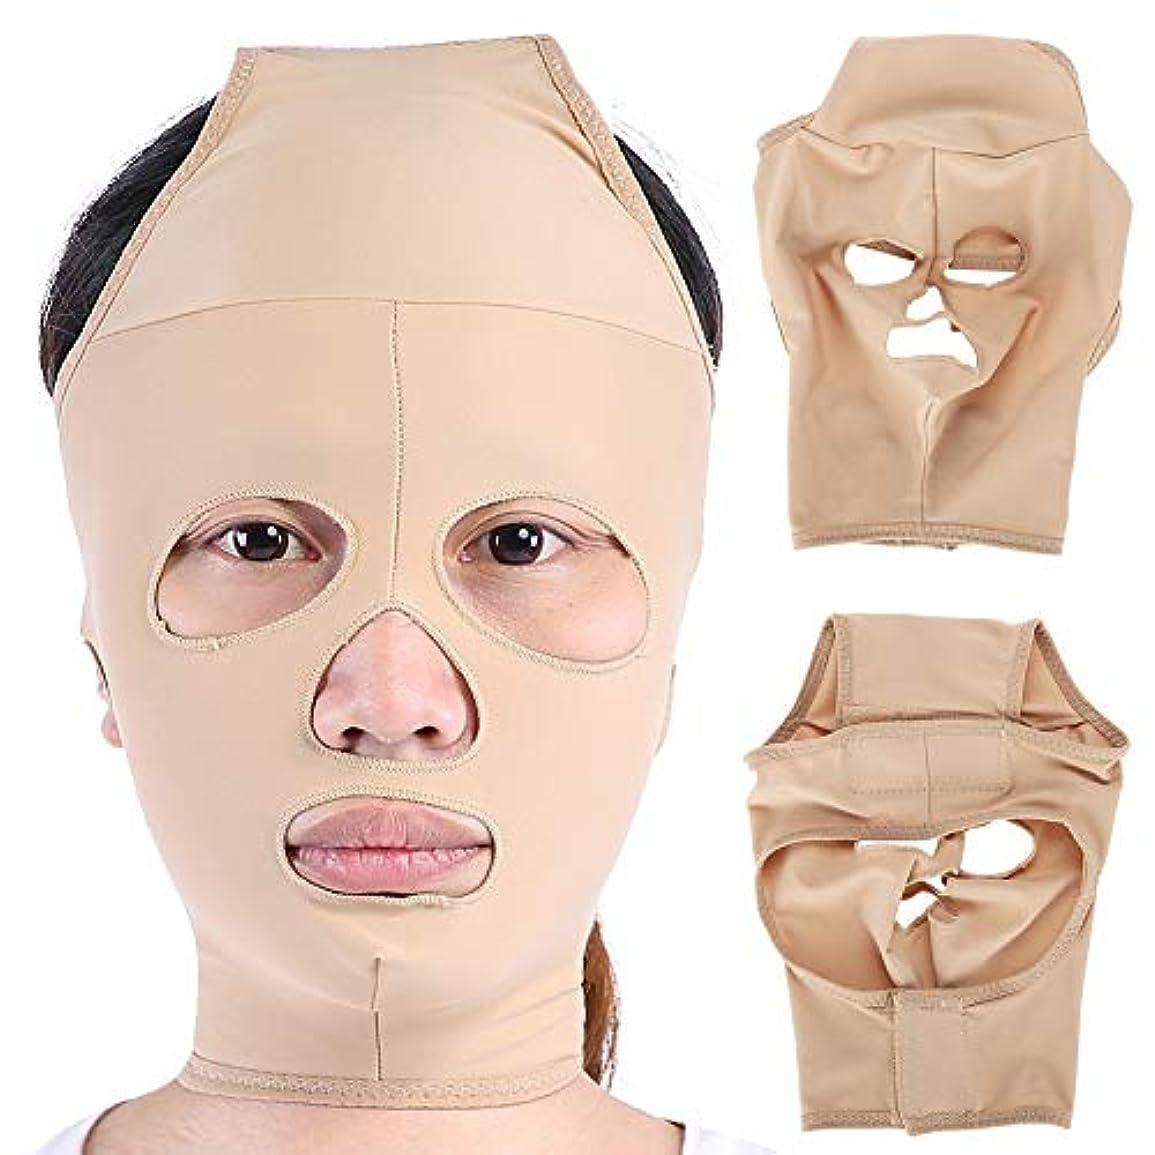 踏みつけスペシャリスト異常な小顔 矯正 美顔 顔痩せ グッズ フェイス マスク ベルト コルセット メンズ サポーター ヌード色(XL)